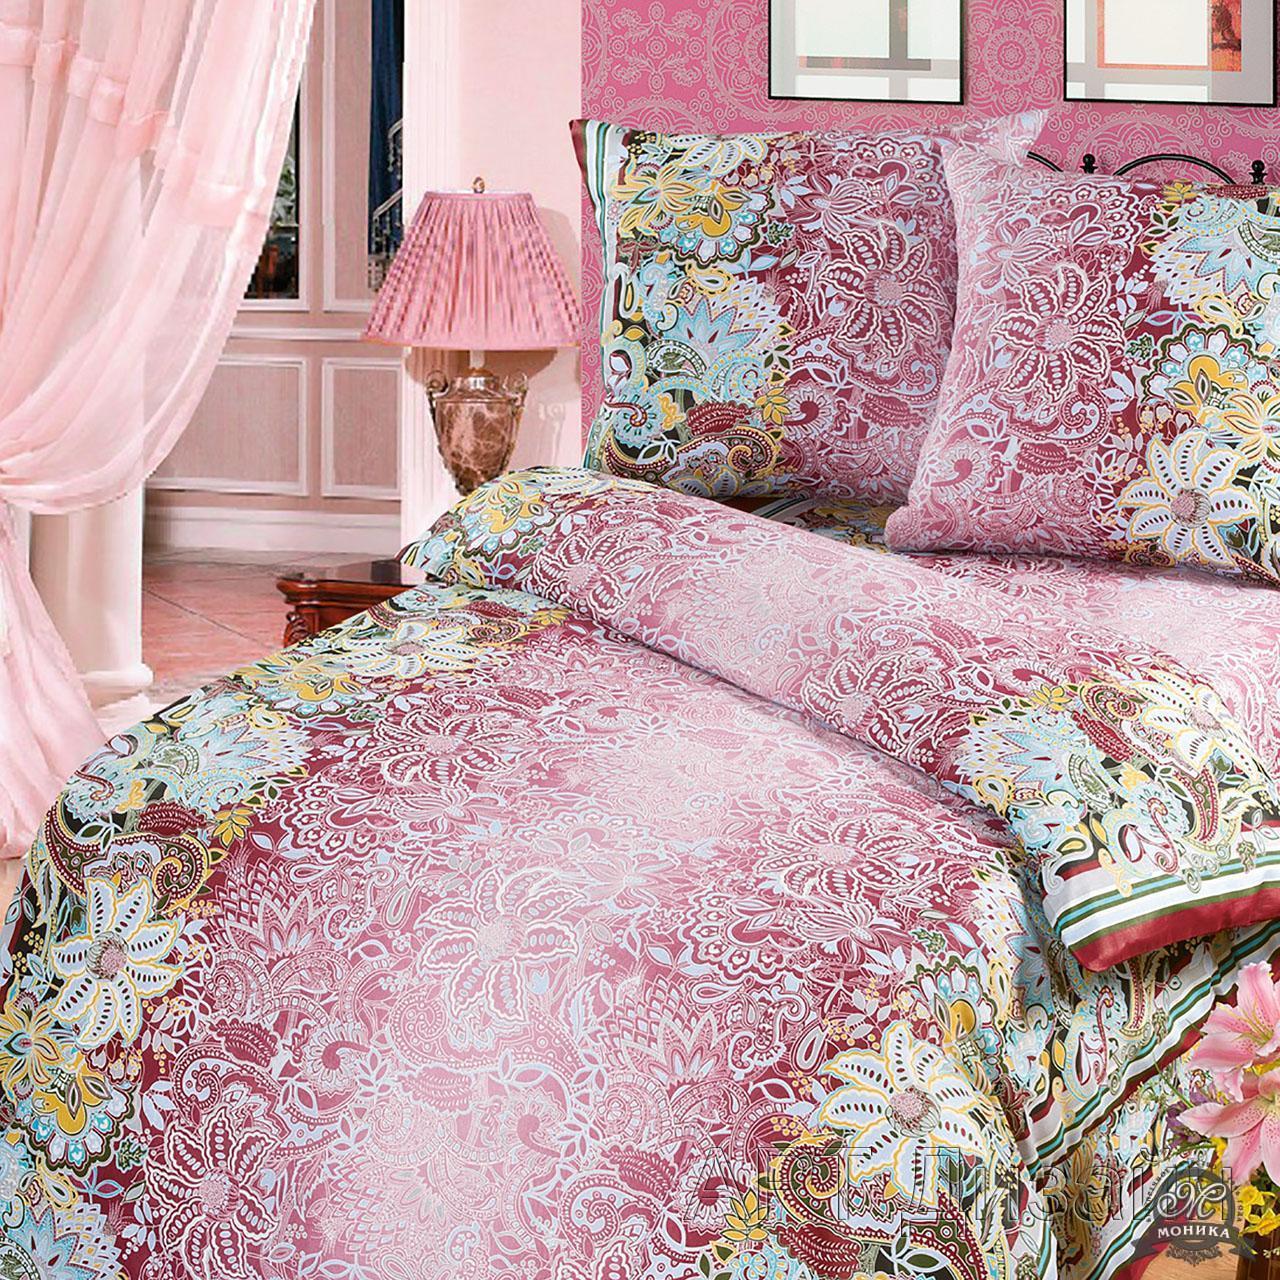 Комплект постельного белья Кружева-бордо из бязиБязь<br><br><br>Размер: 1,5сп. (2 нав.70х70)